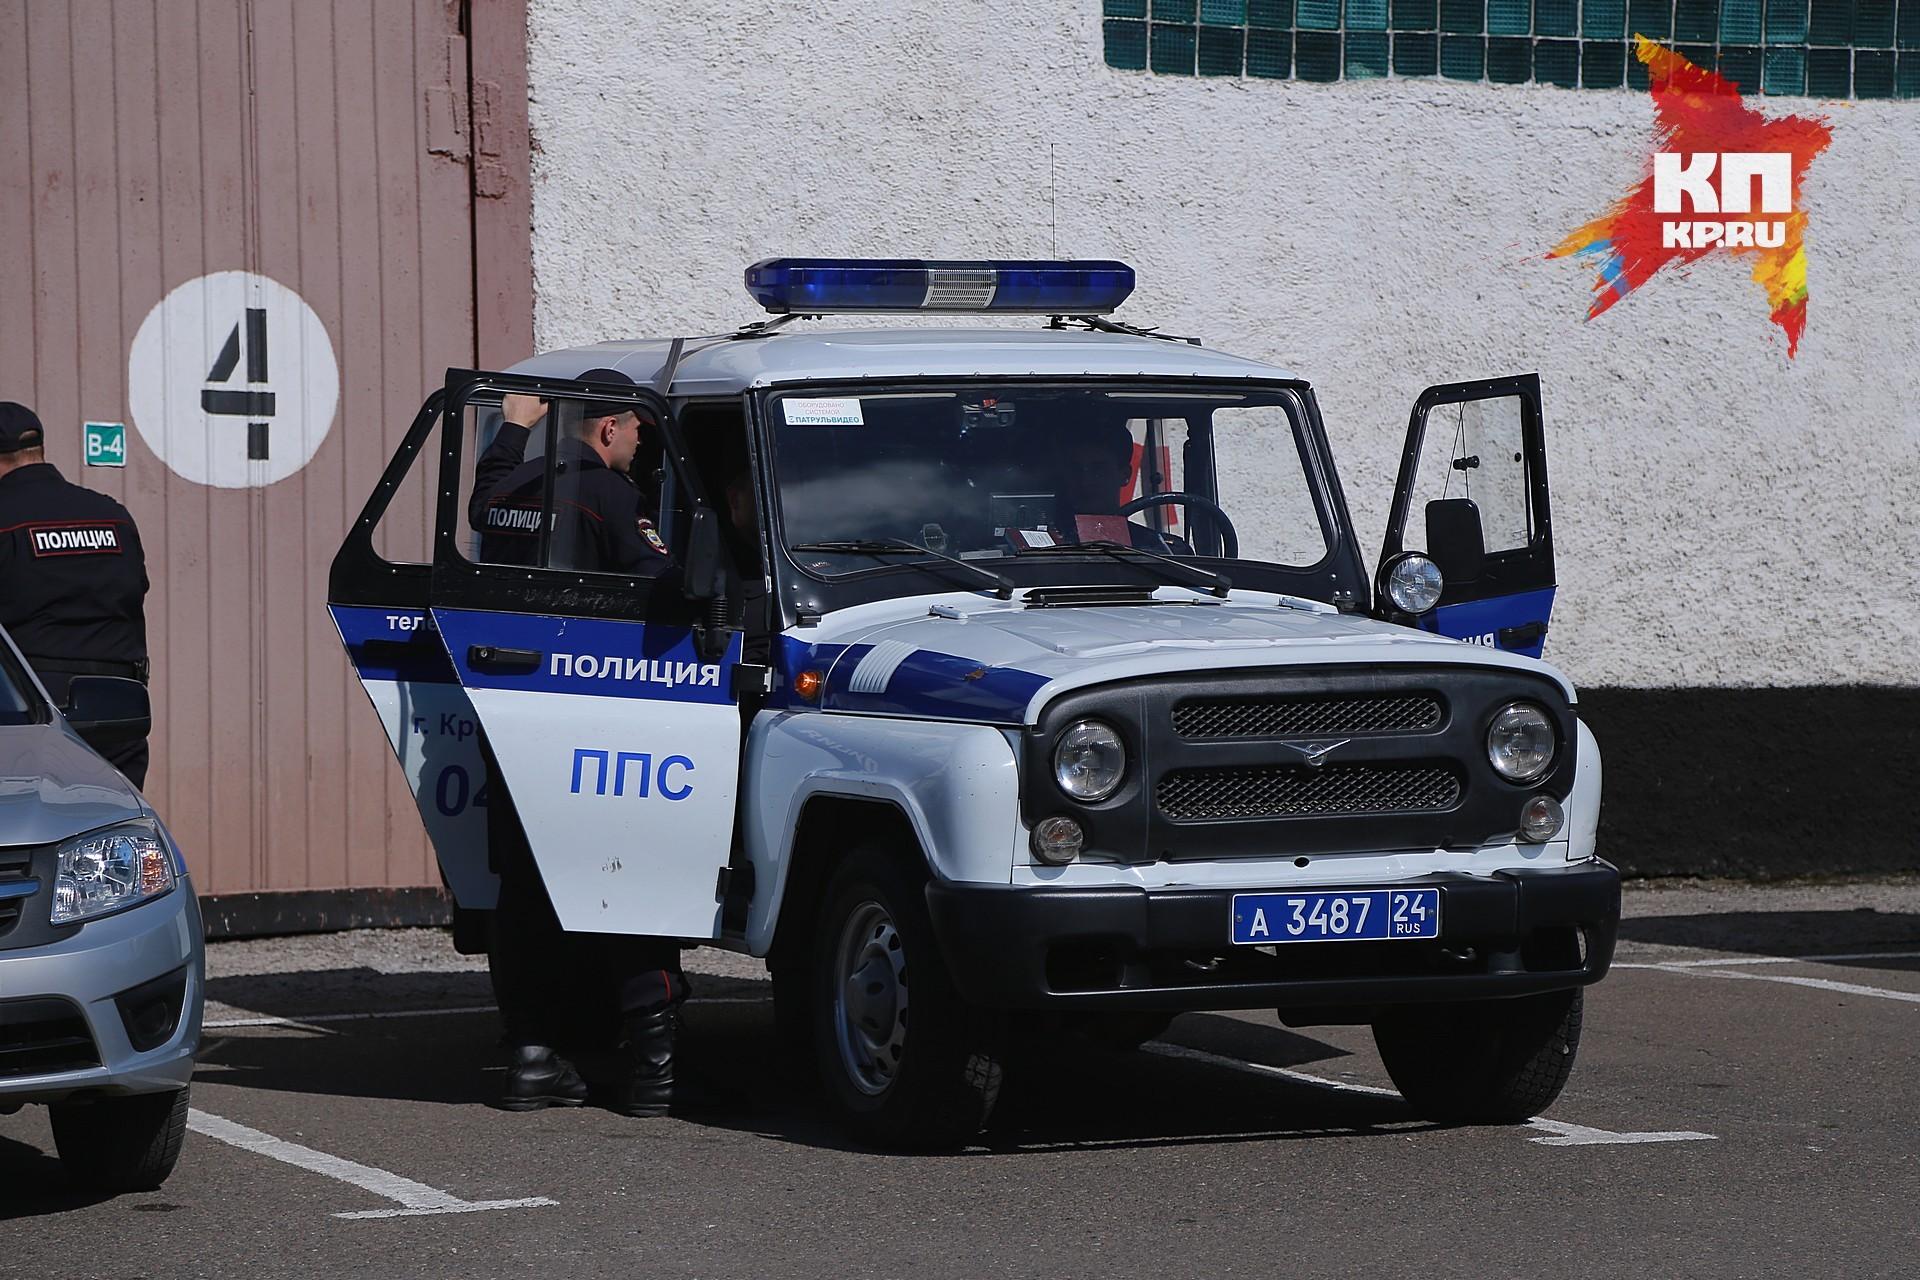 ВКрасноярске пропавшего пенсионера отыскали в клинике